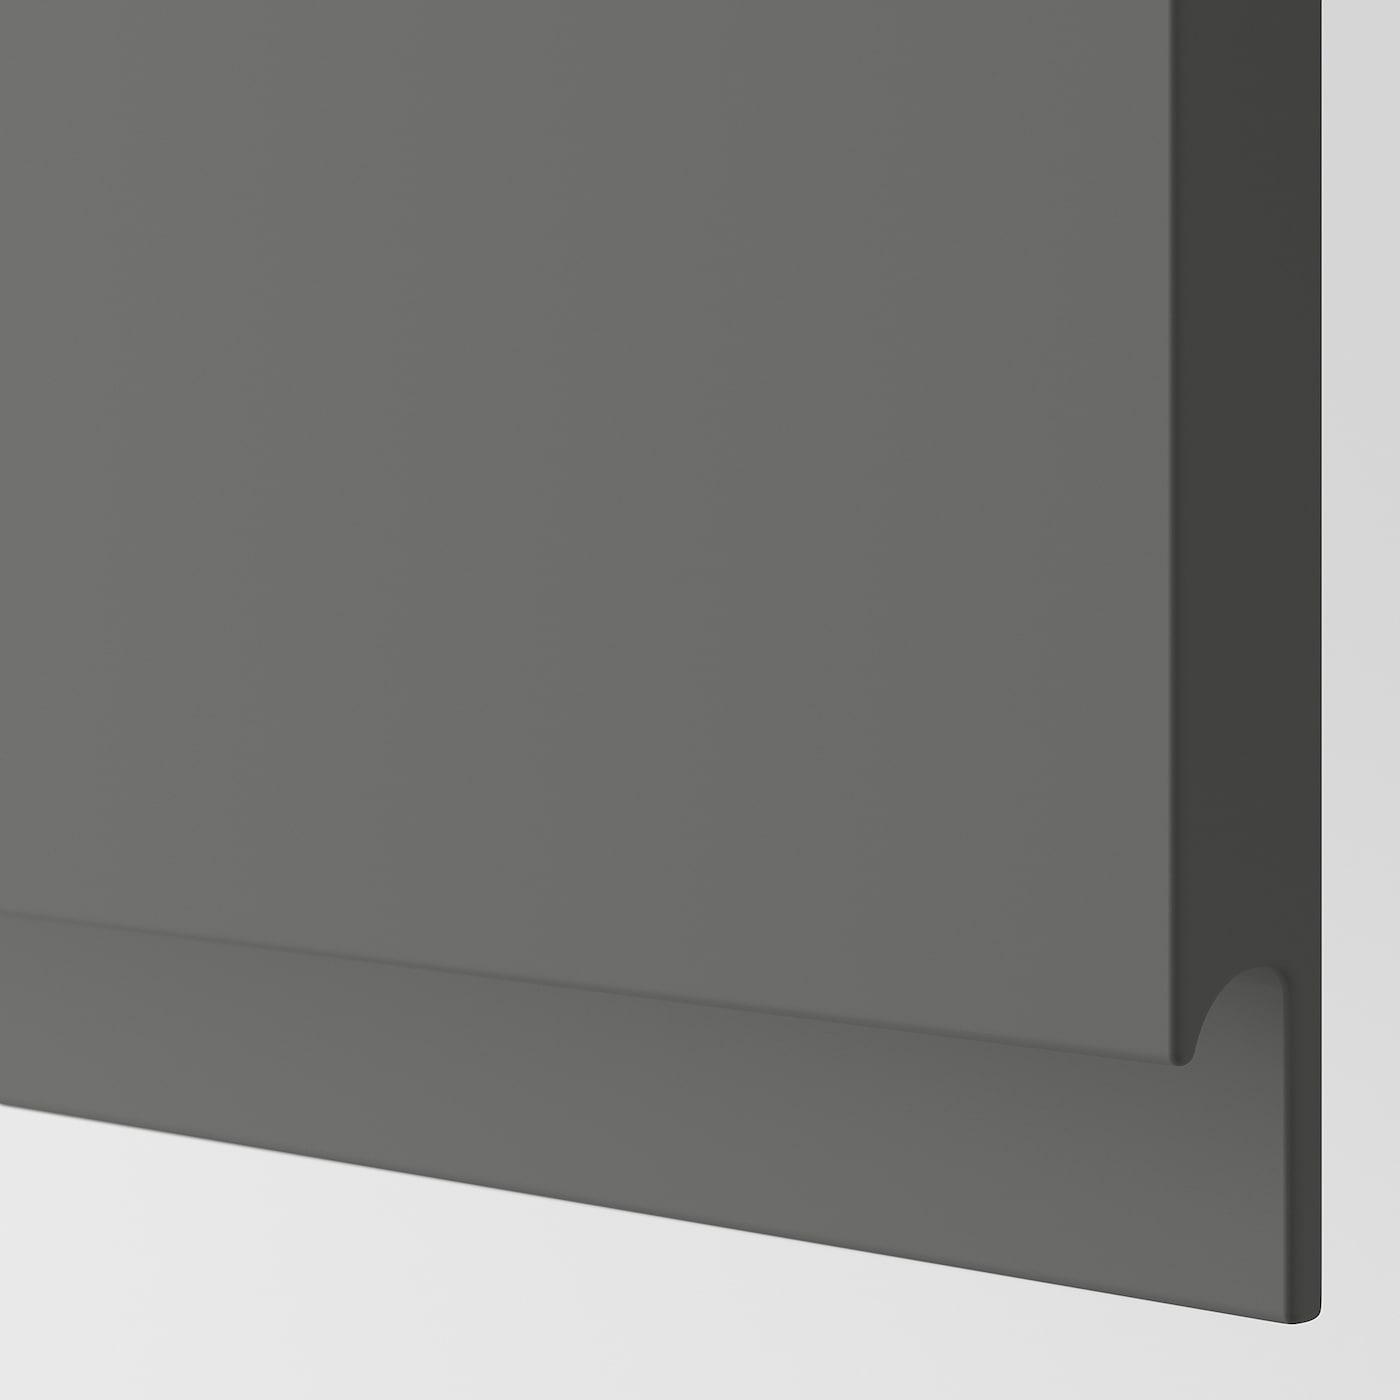 Vikenar 304 Piso de Acero Inoxidable de reemplazo gu/ía Inferior for Puertas de Vidrio sin Marco correderas